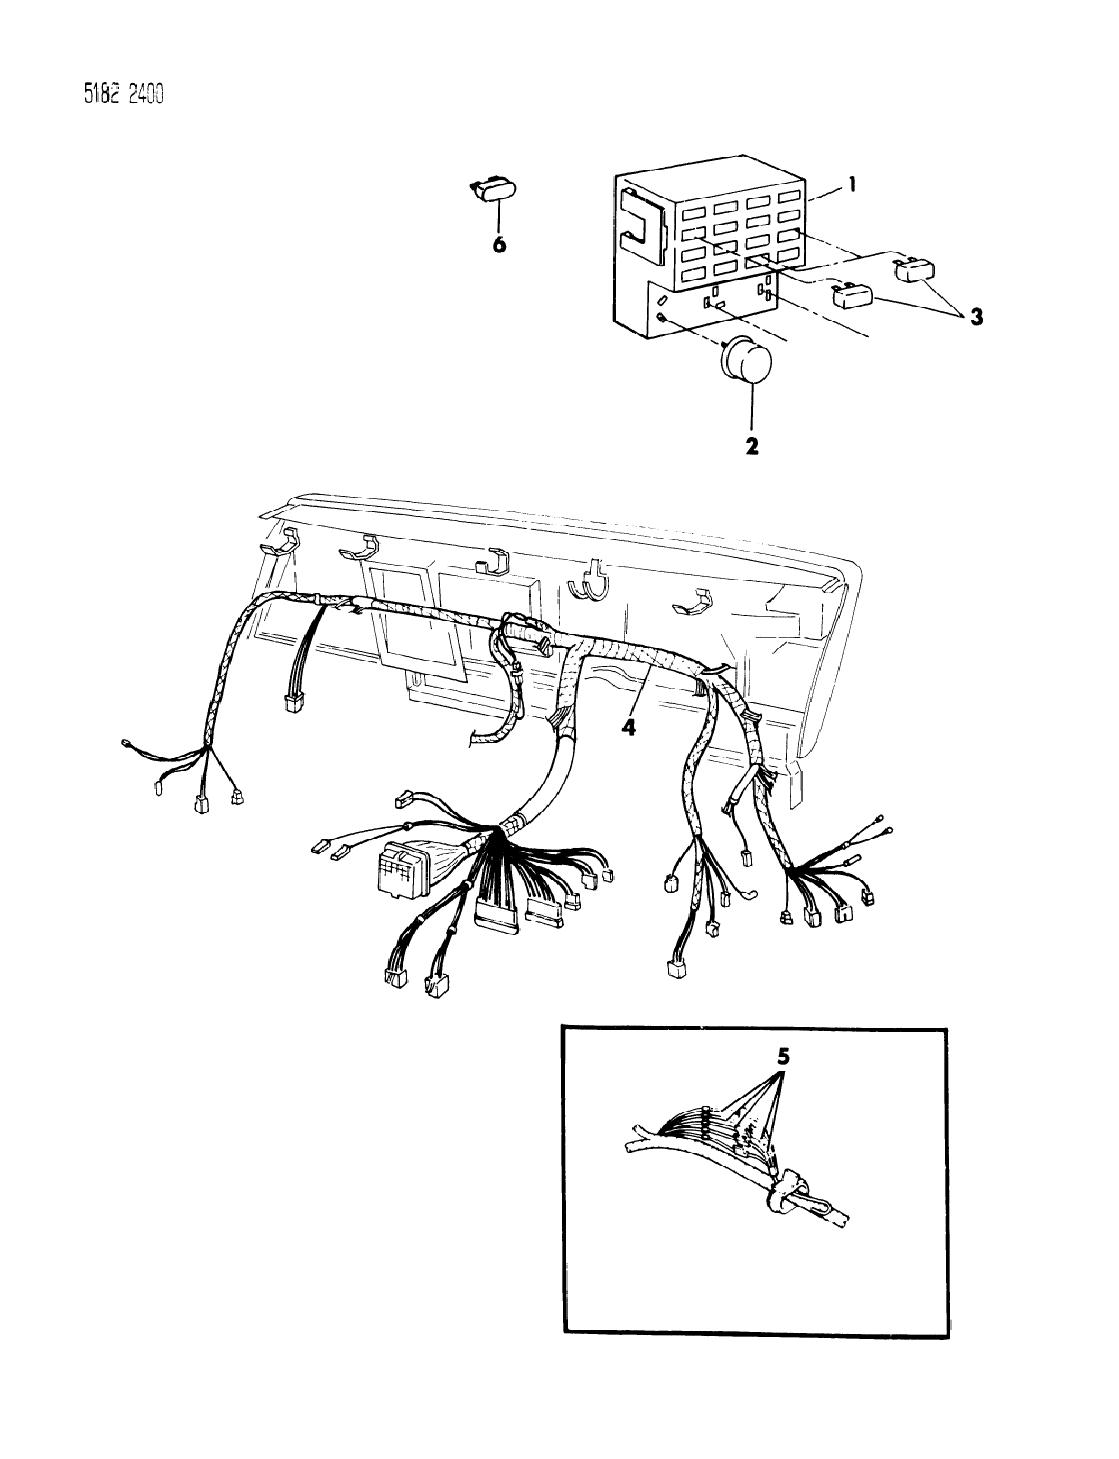 1985 Dodge Caravan Instrument Panel Wiring